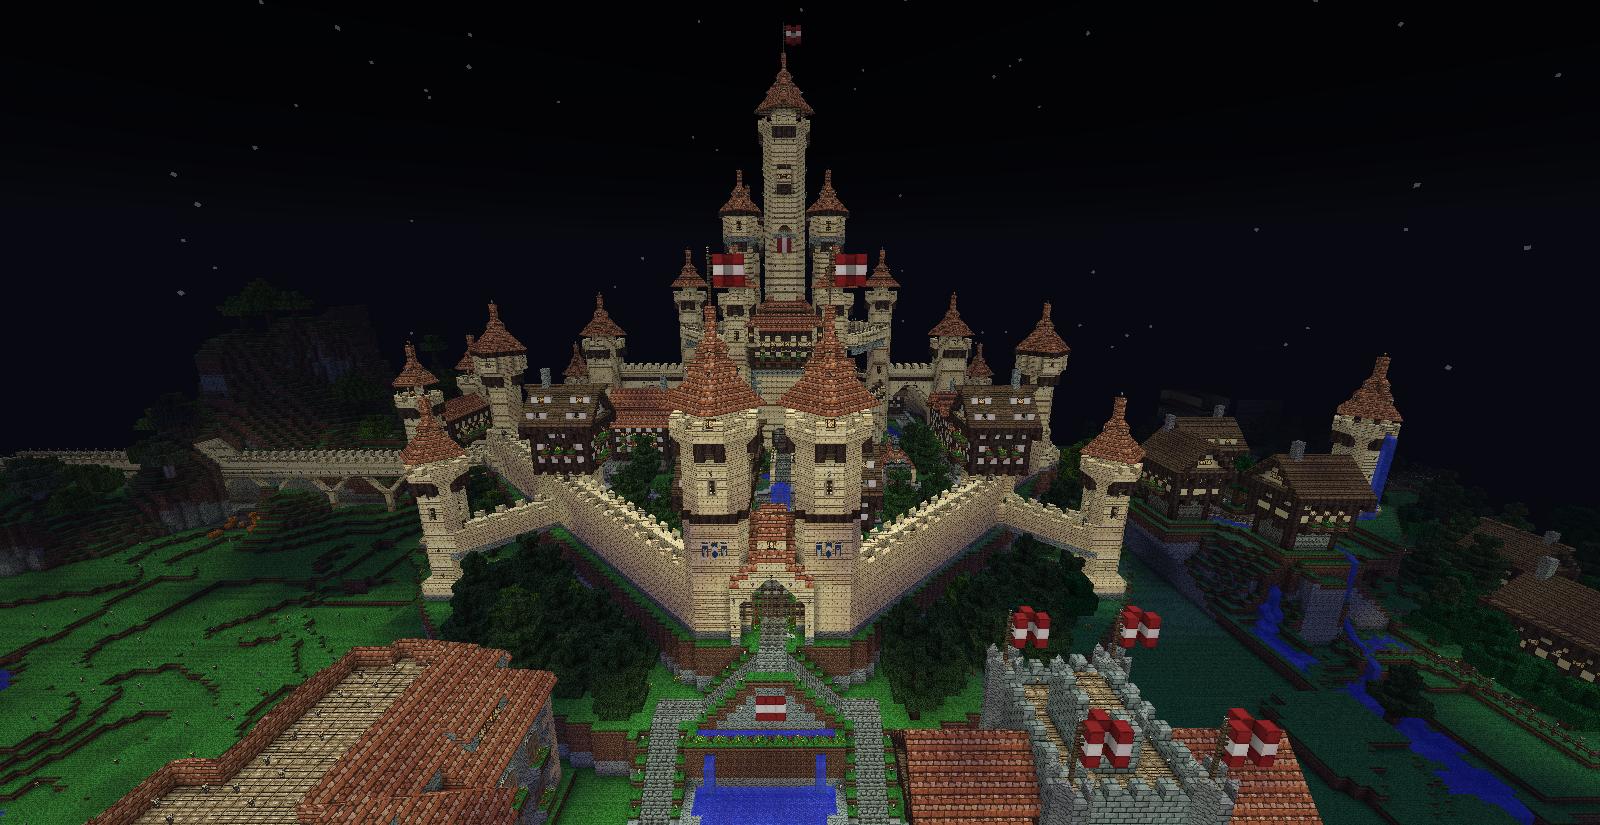 Minecraft Castle by UNDEADWARRIOR7411